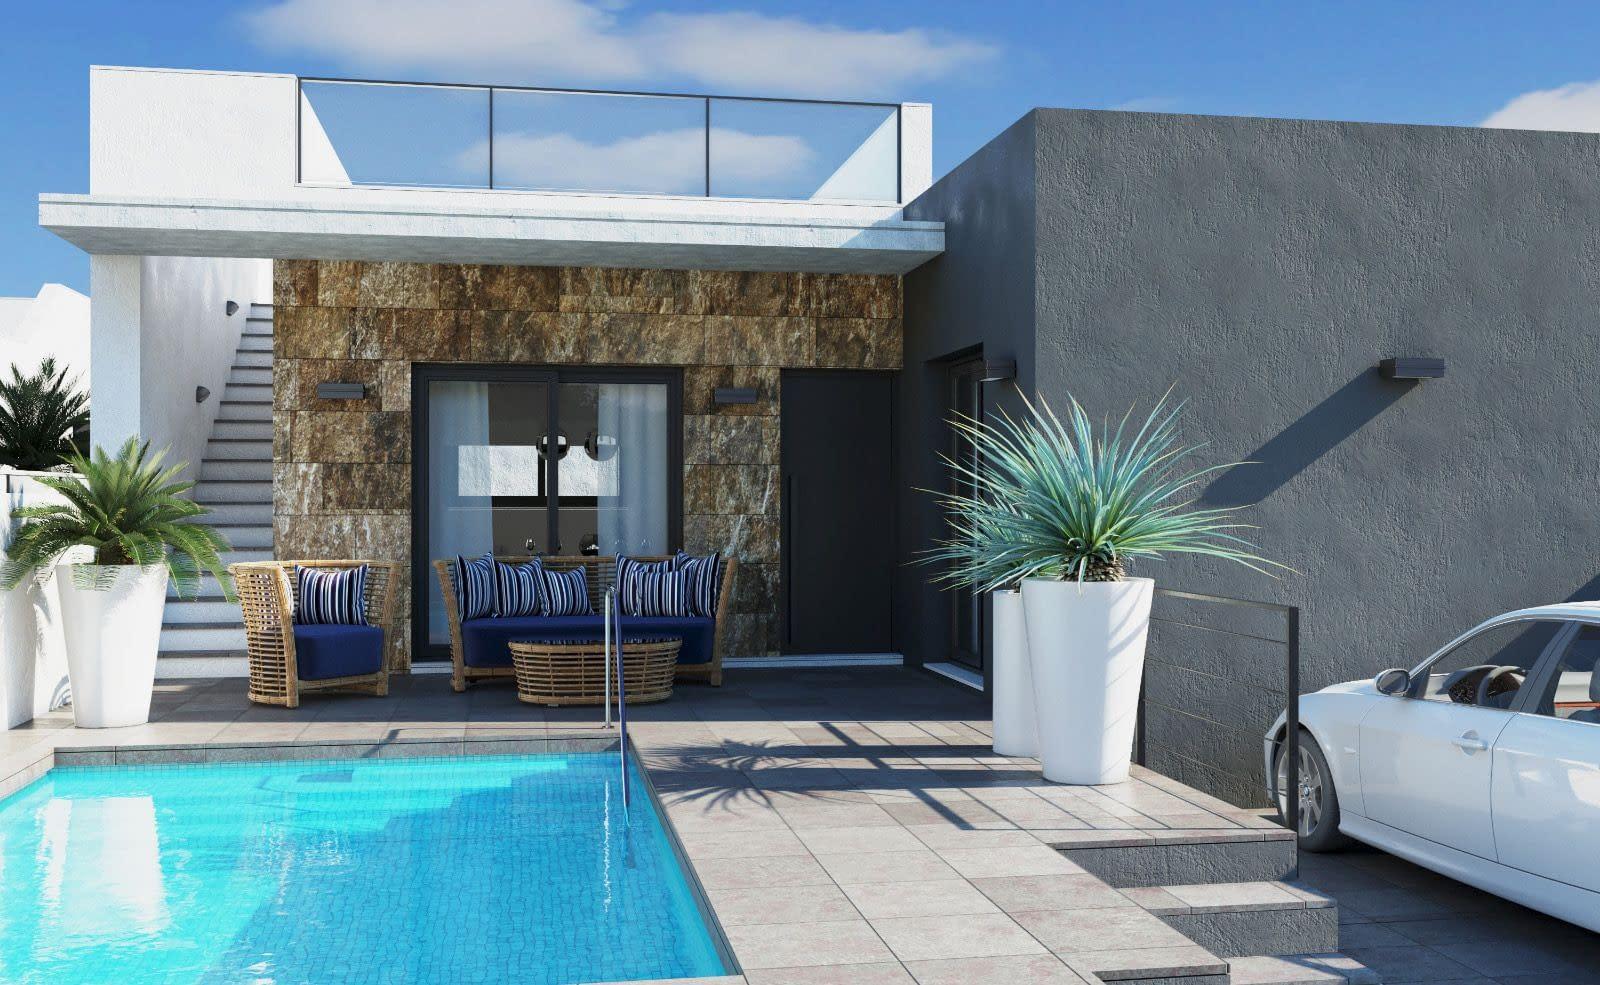 Doppelhaushälfte mit privatem Pool, 10 Minuten vom Strand entfernt